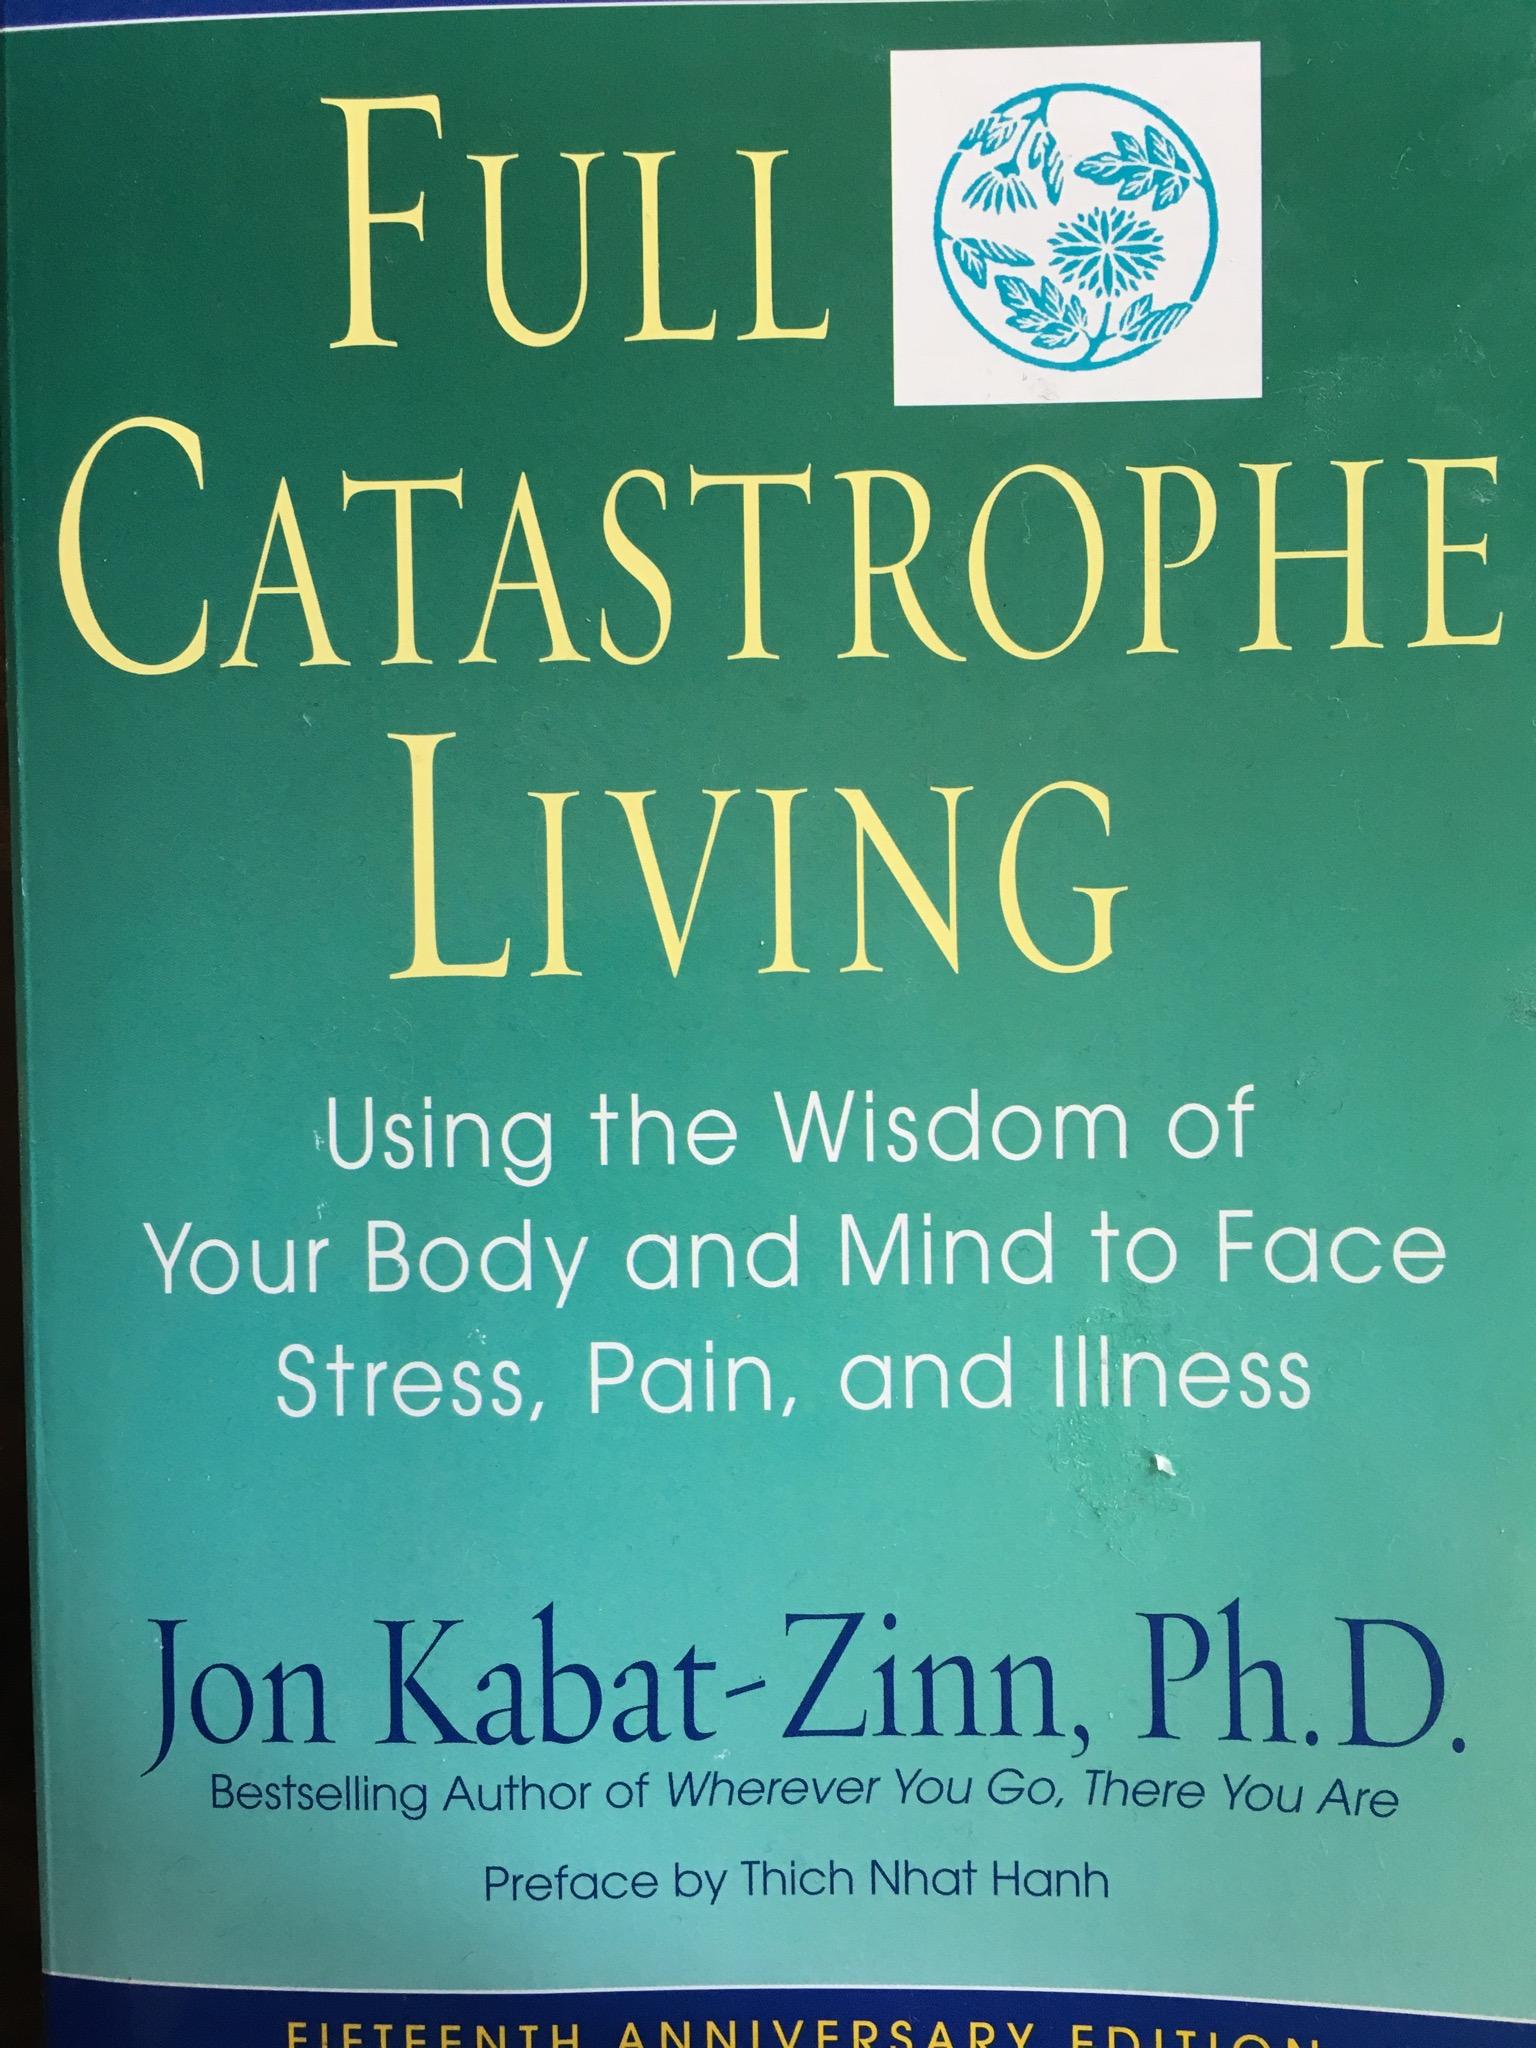 Full Catastrophe Living Cover.jpg